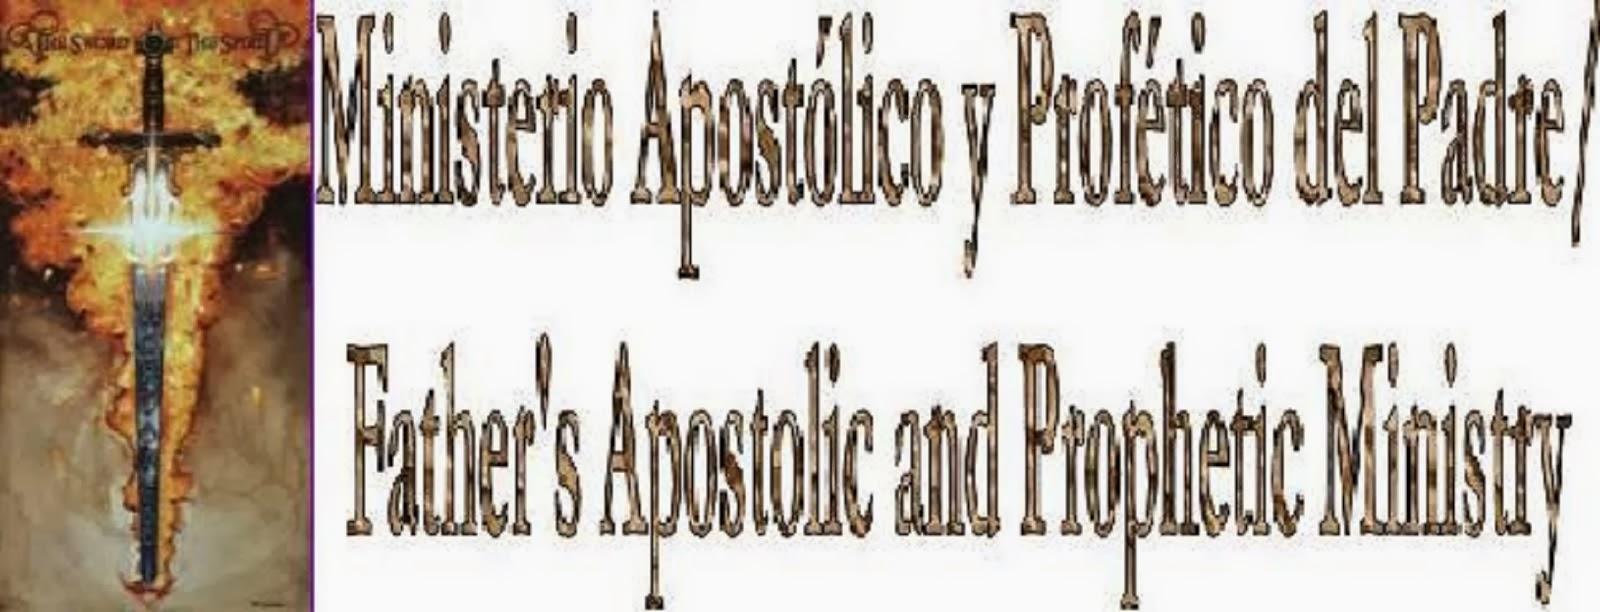 Pagina oficial de El Ministerio Apostolico y Profetico del Padre (MAPDP)